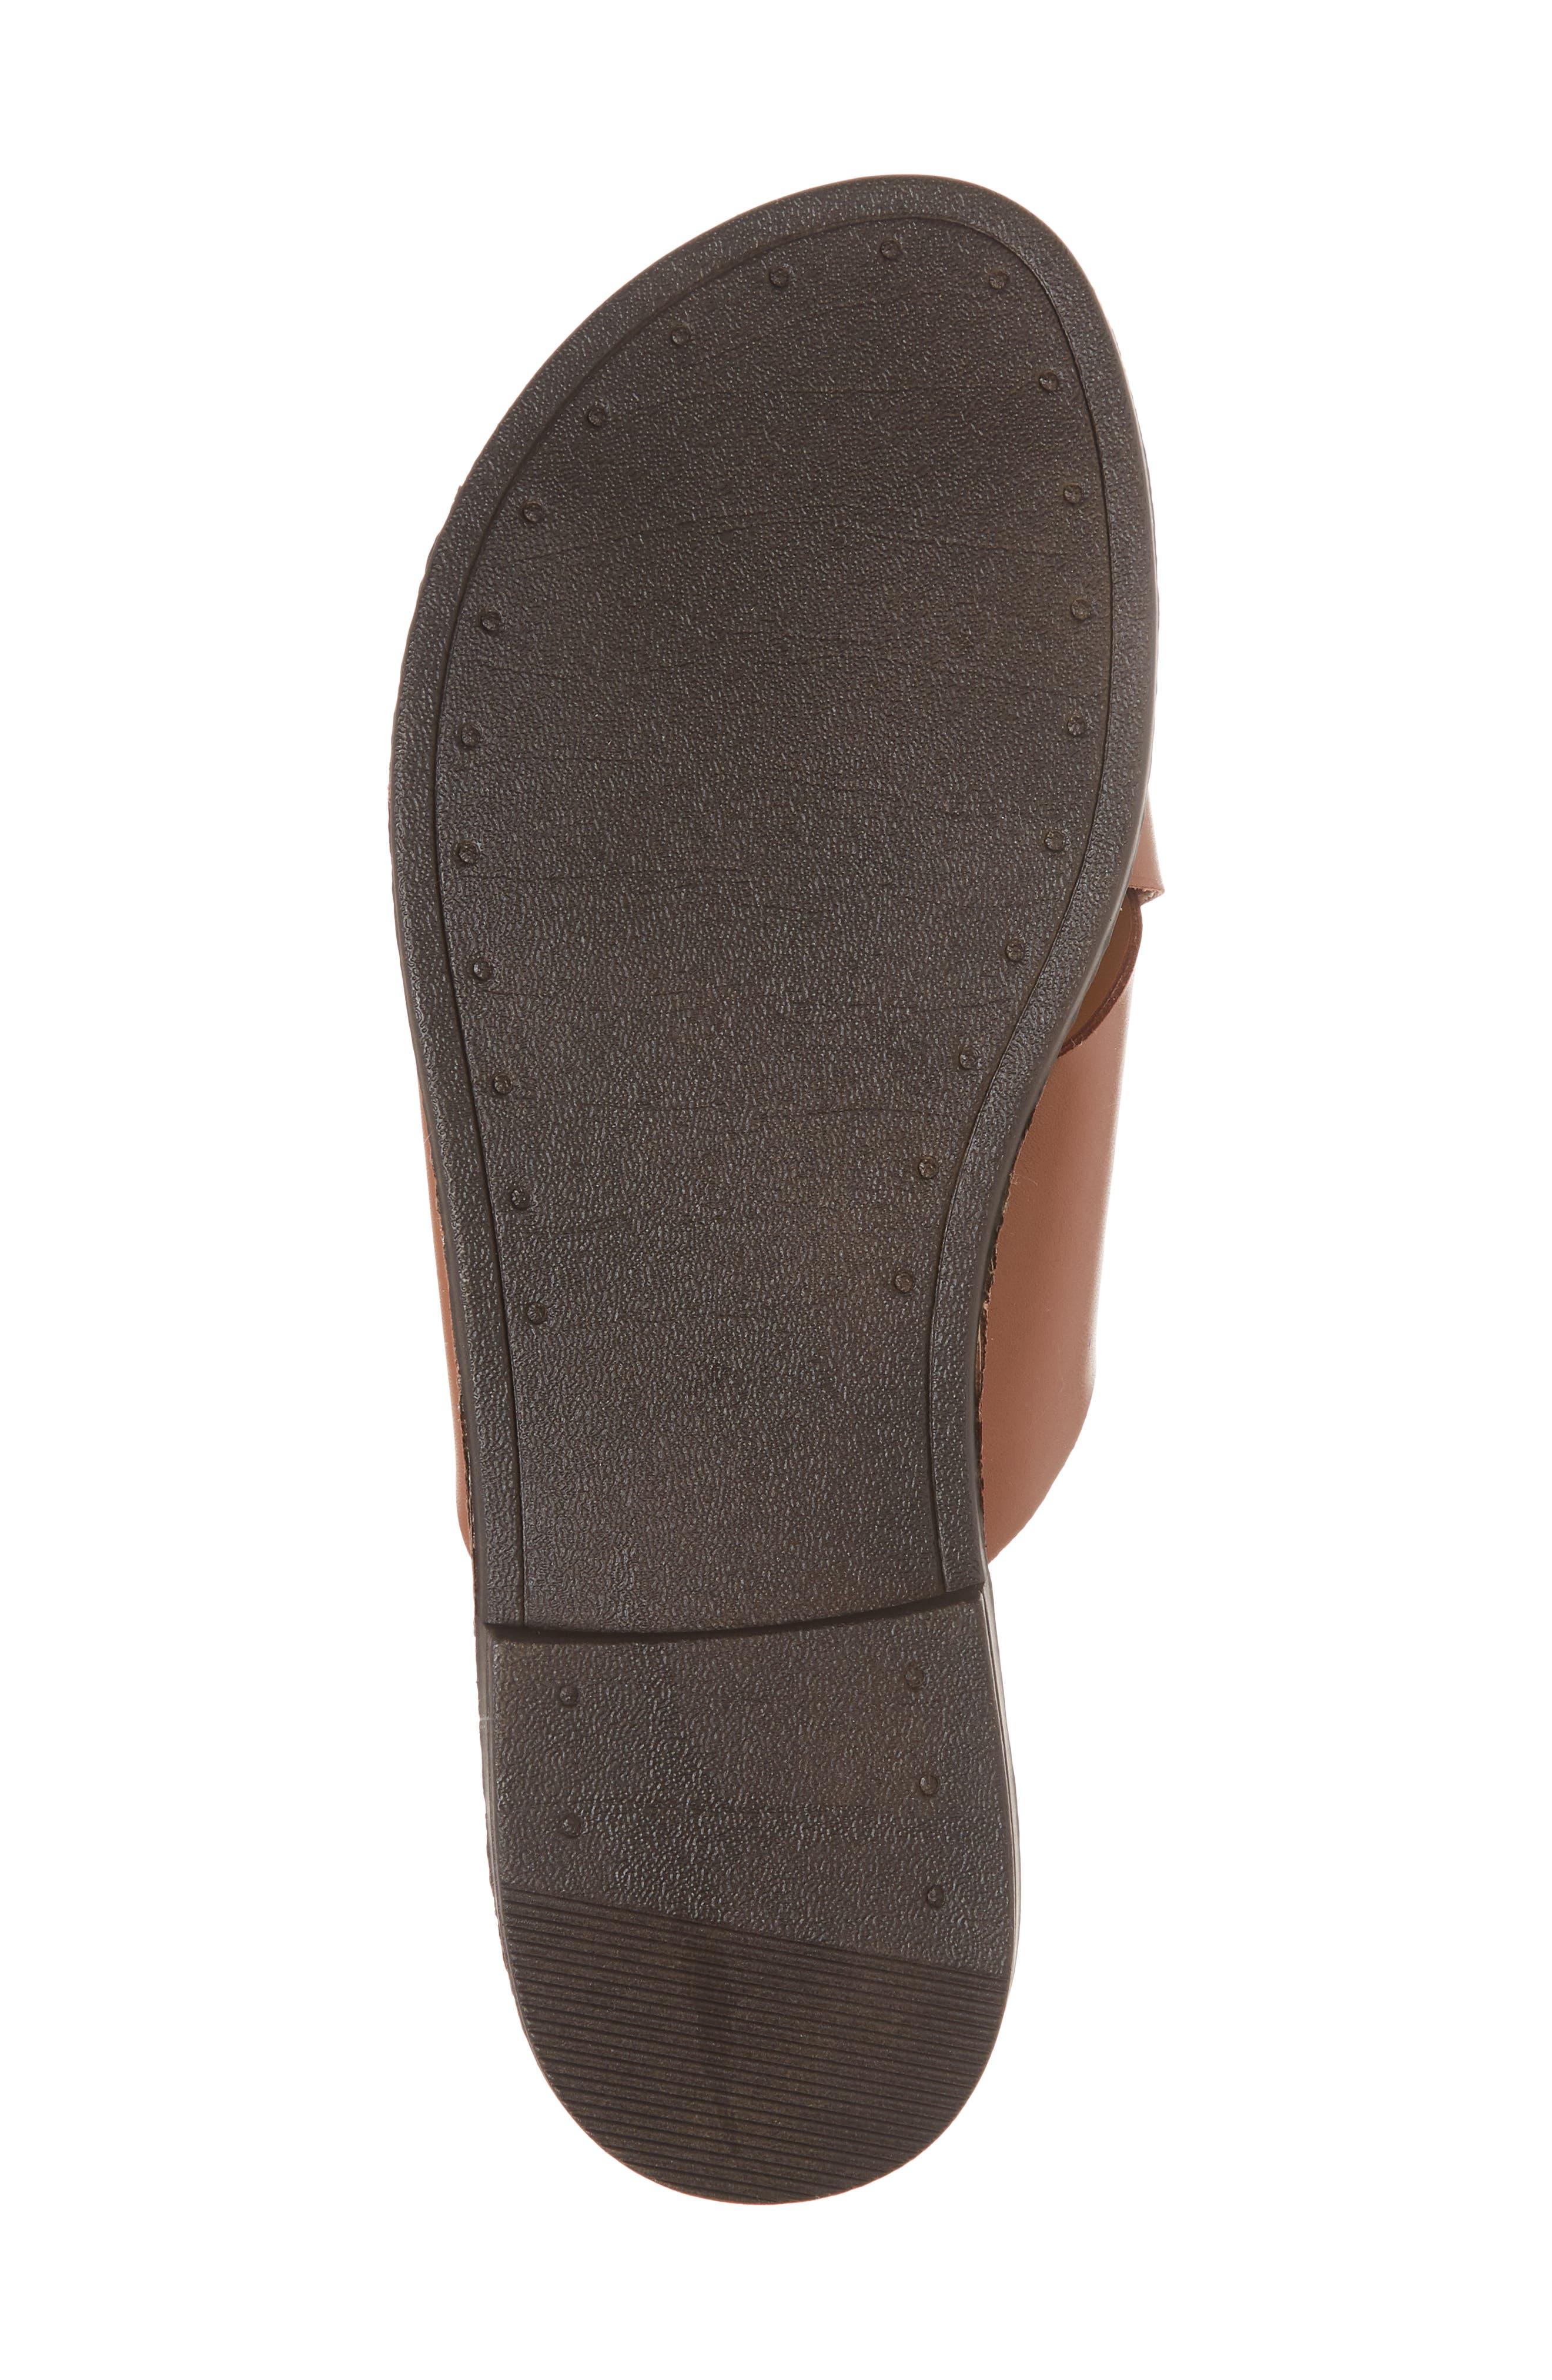 Twist Cross Strap Sandal,                             Alternate thumbnail 6, color,                             Cognac Faux Leather